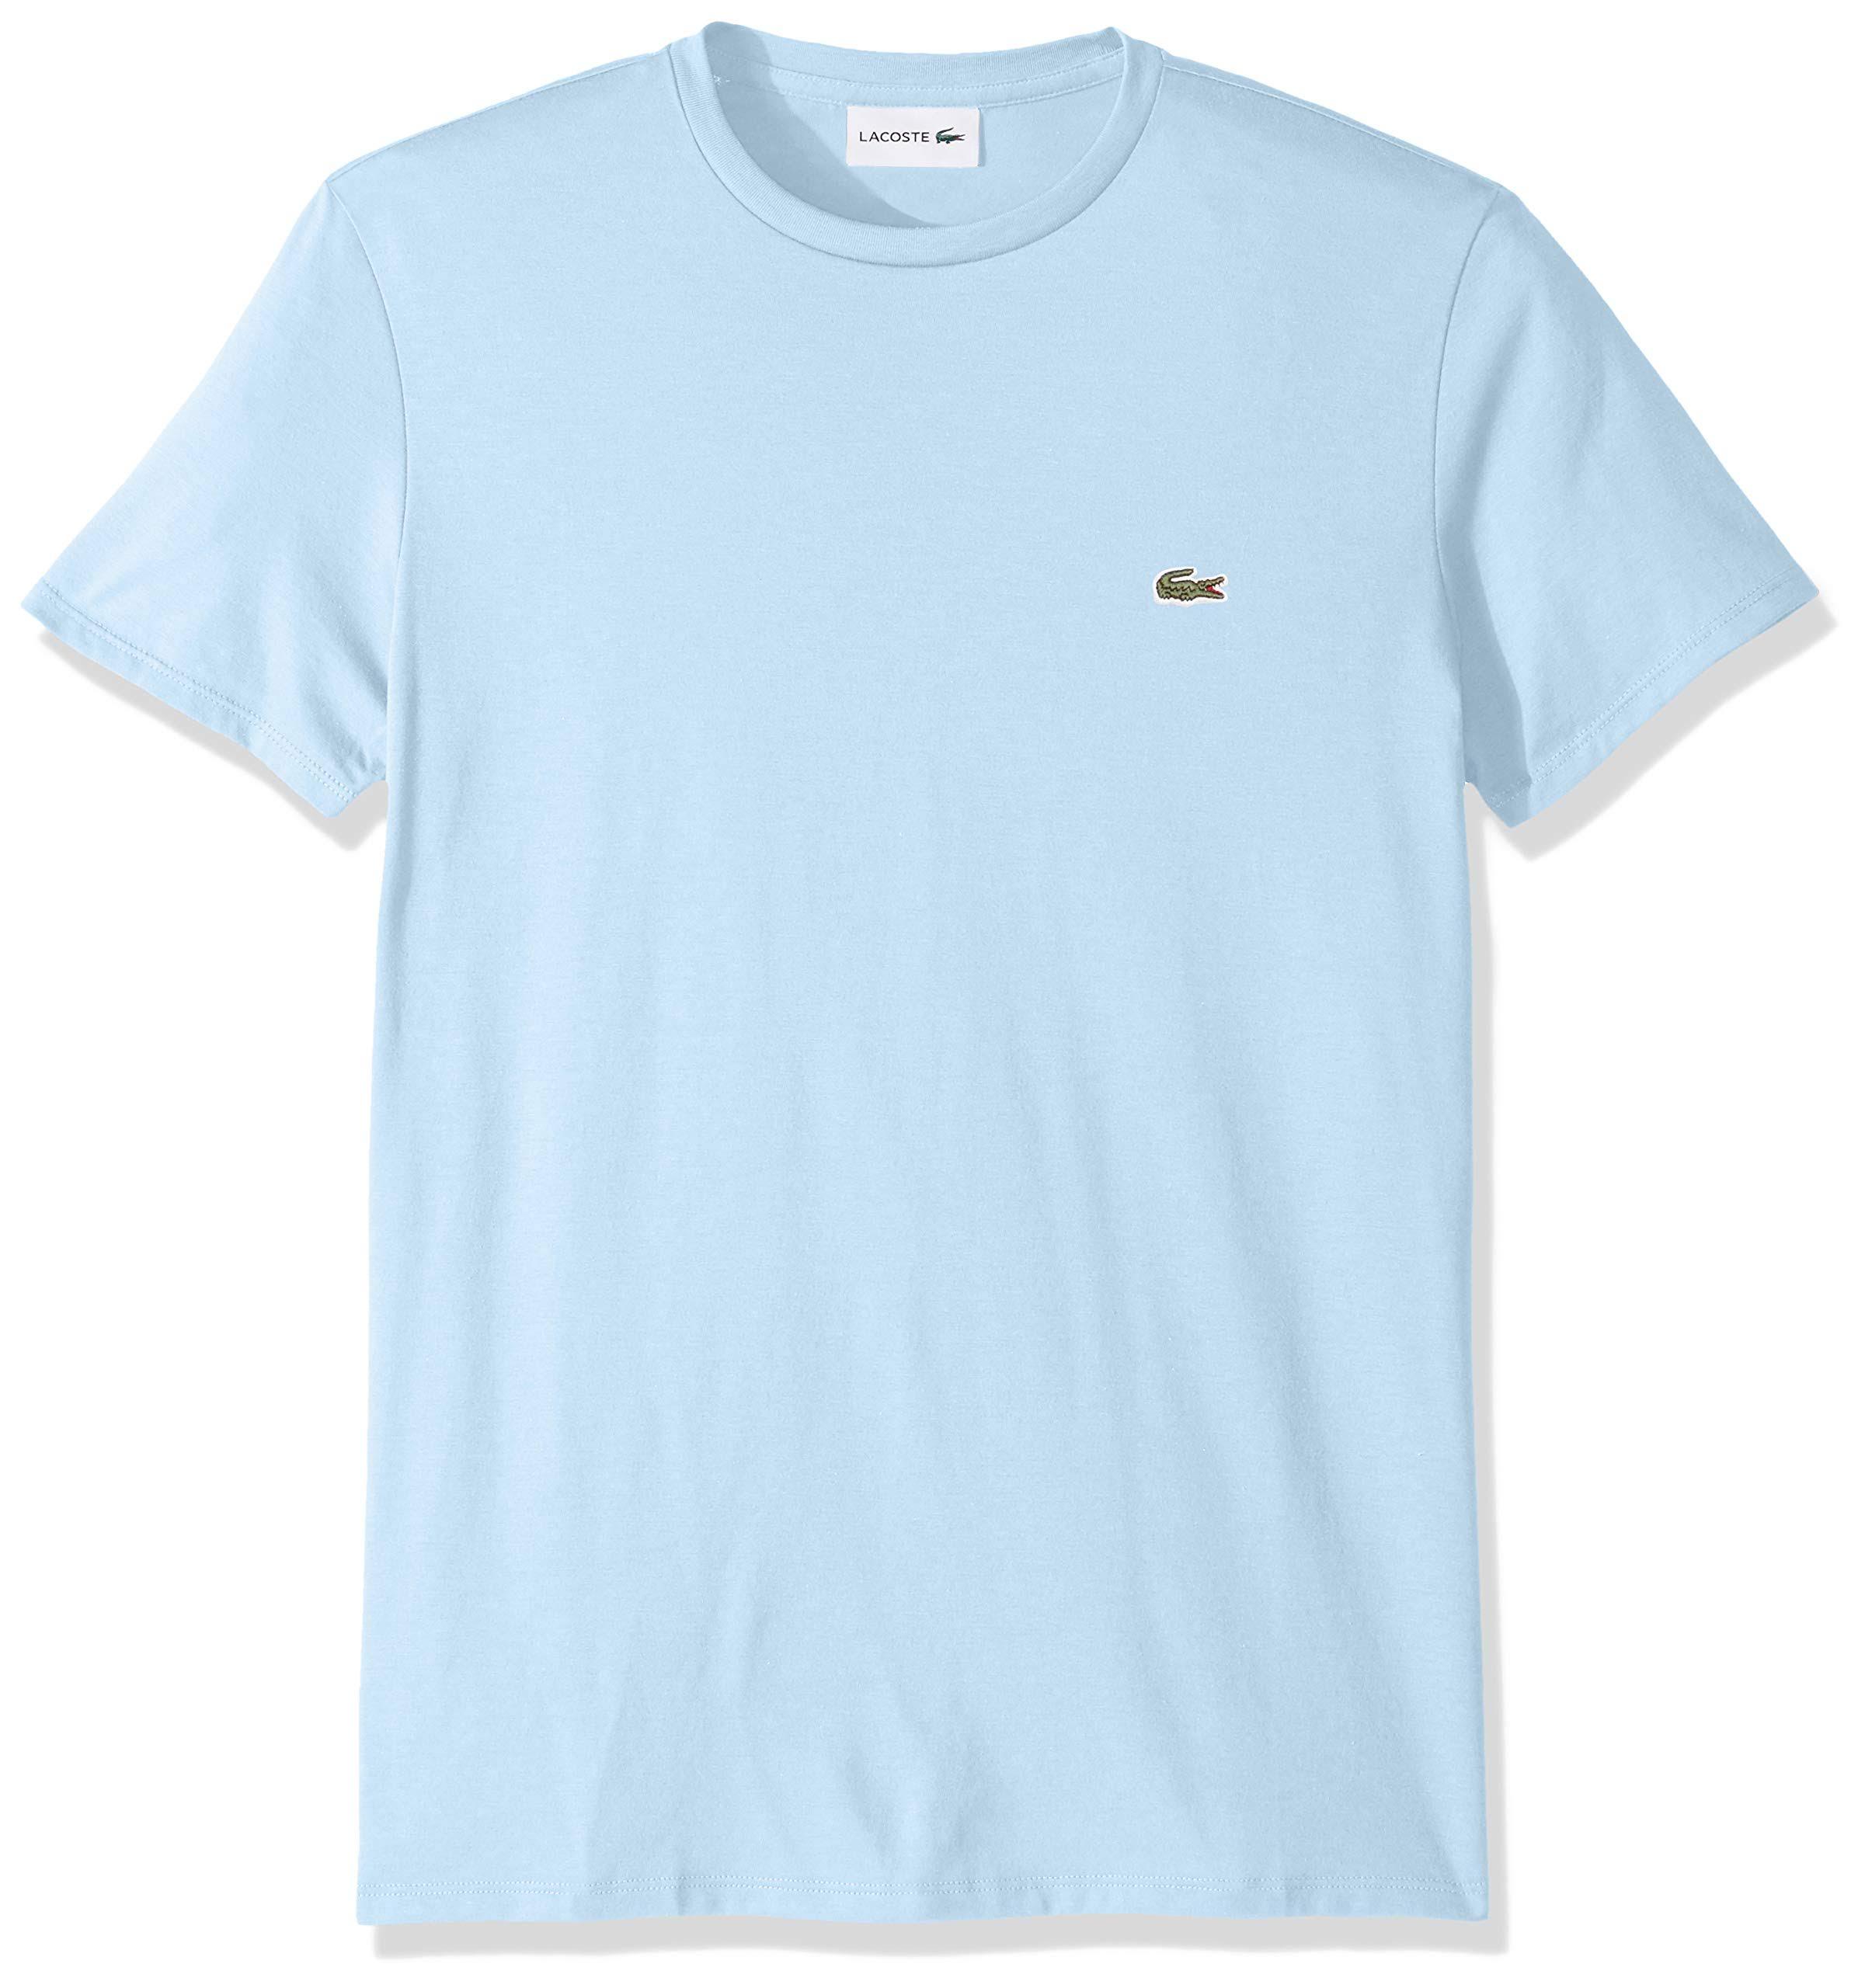 Männer Blau shirt Pima baumwolle L T Mit Rundhalsausschnitt Lacoste Aus AOfOw